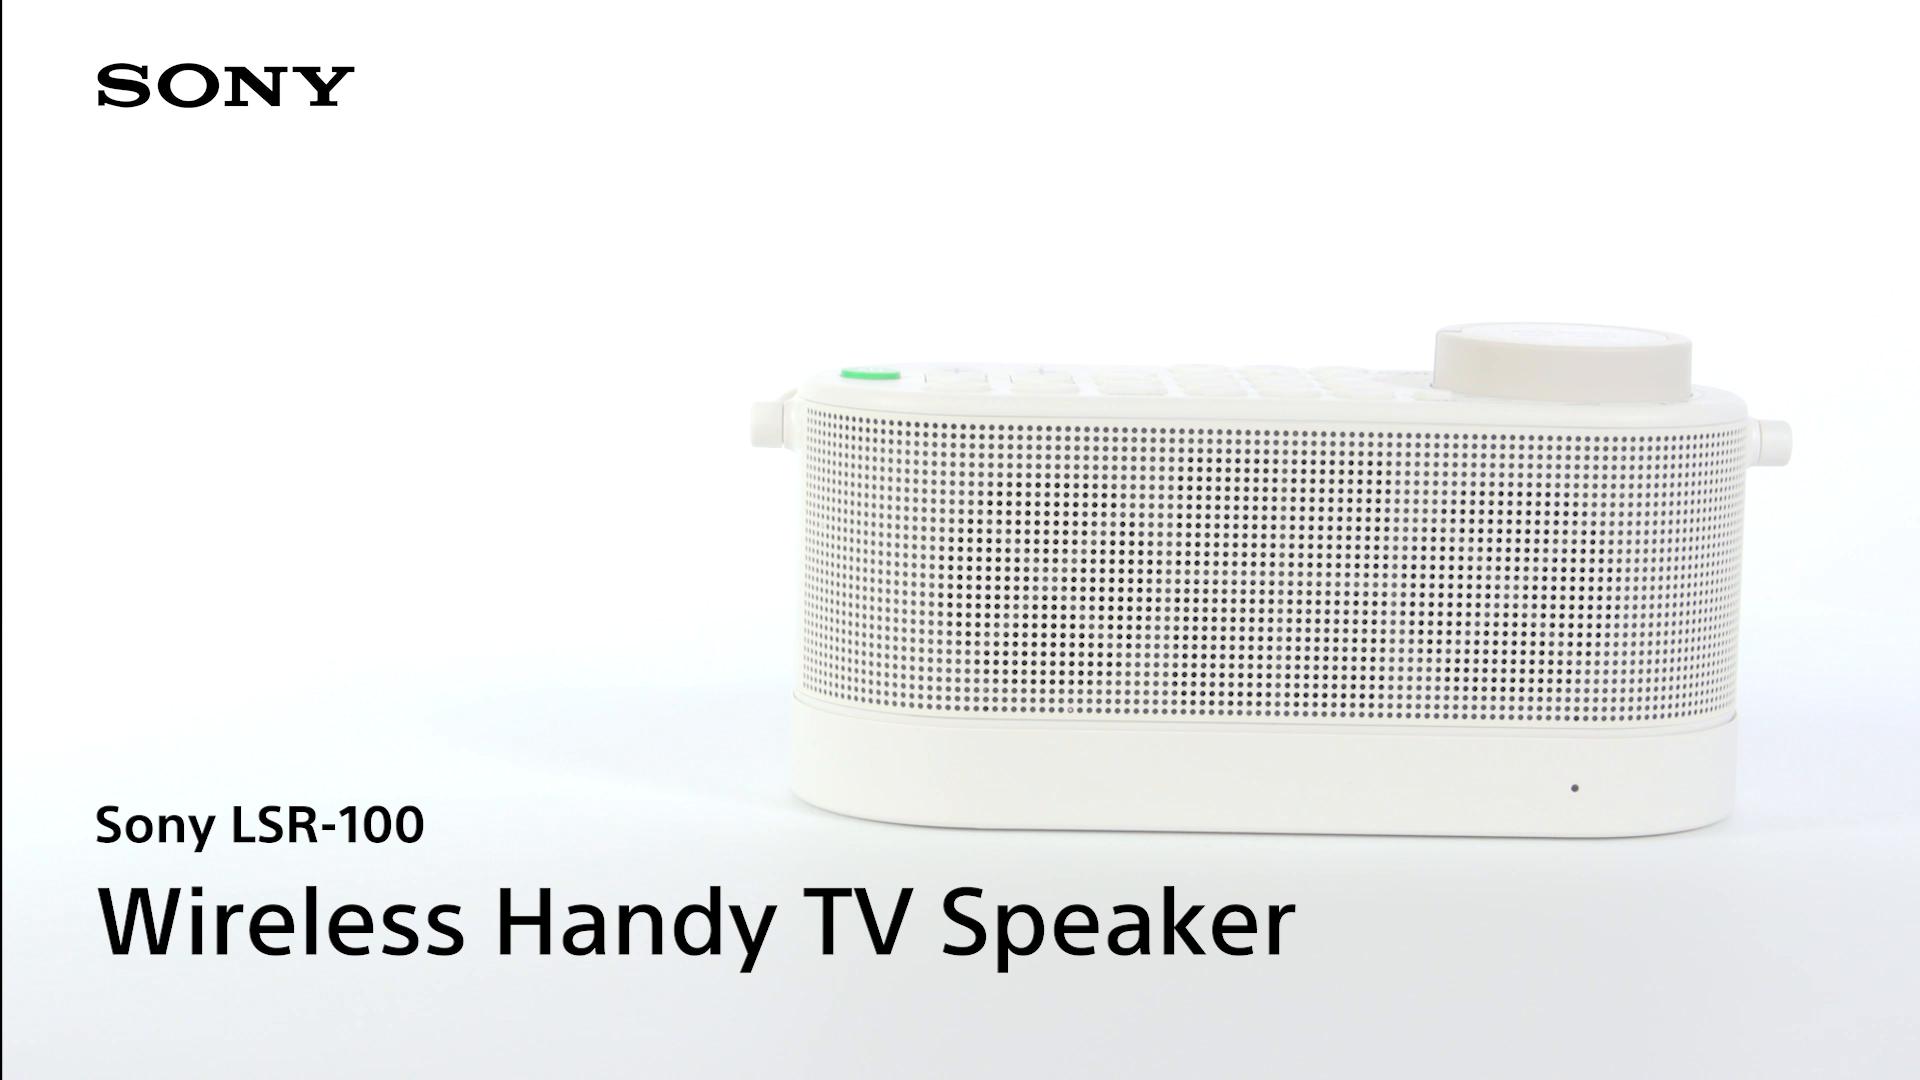 wireless handy tv speaker